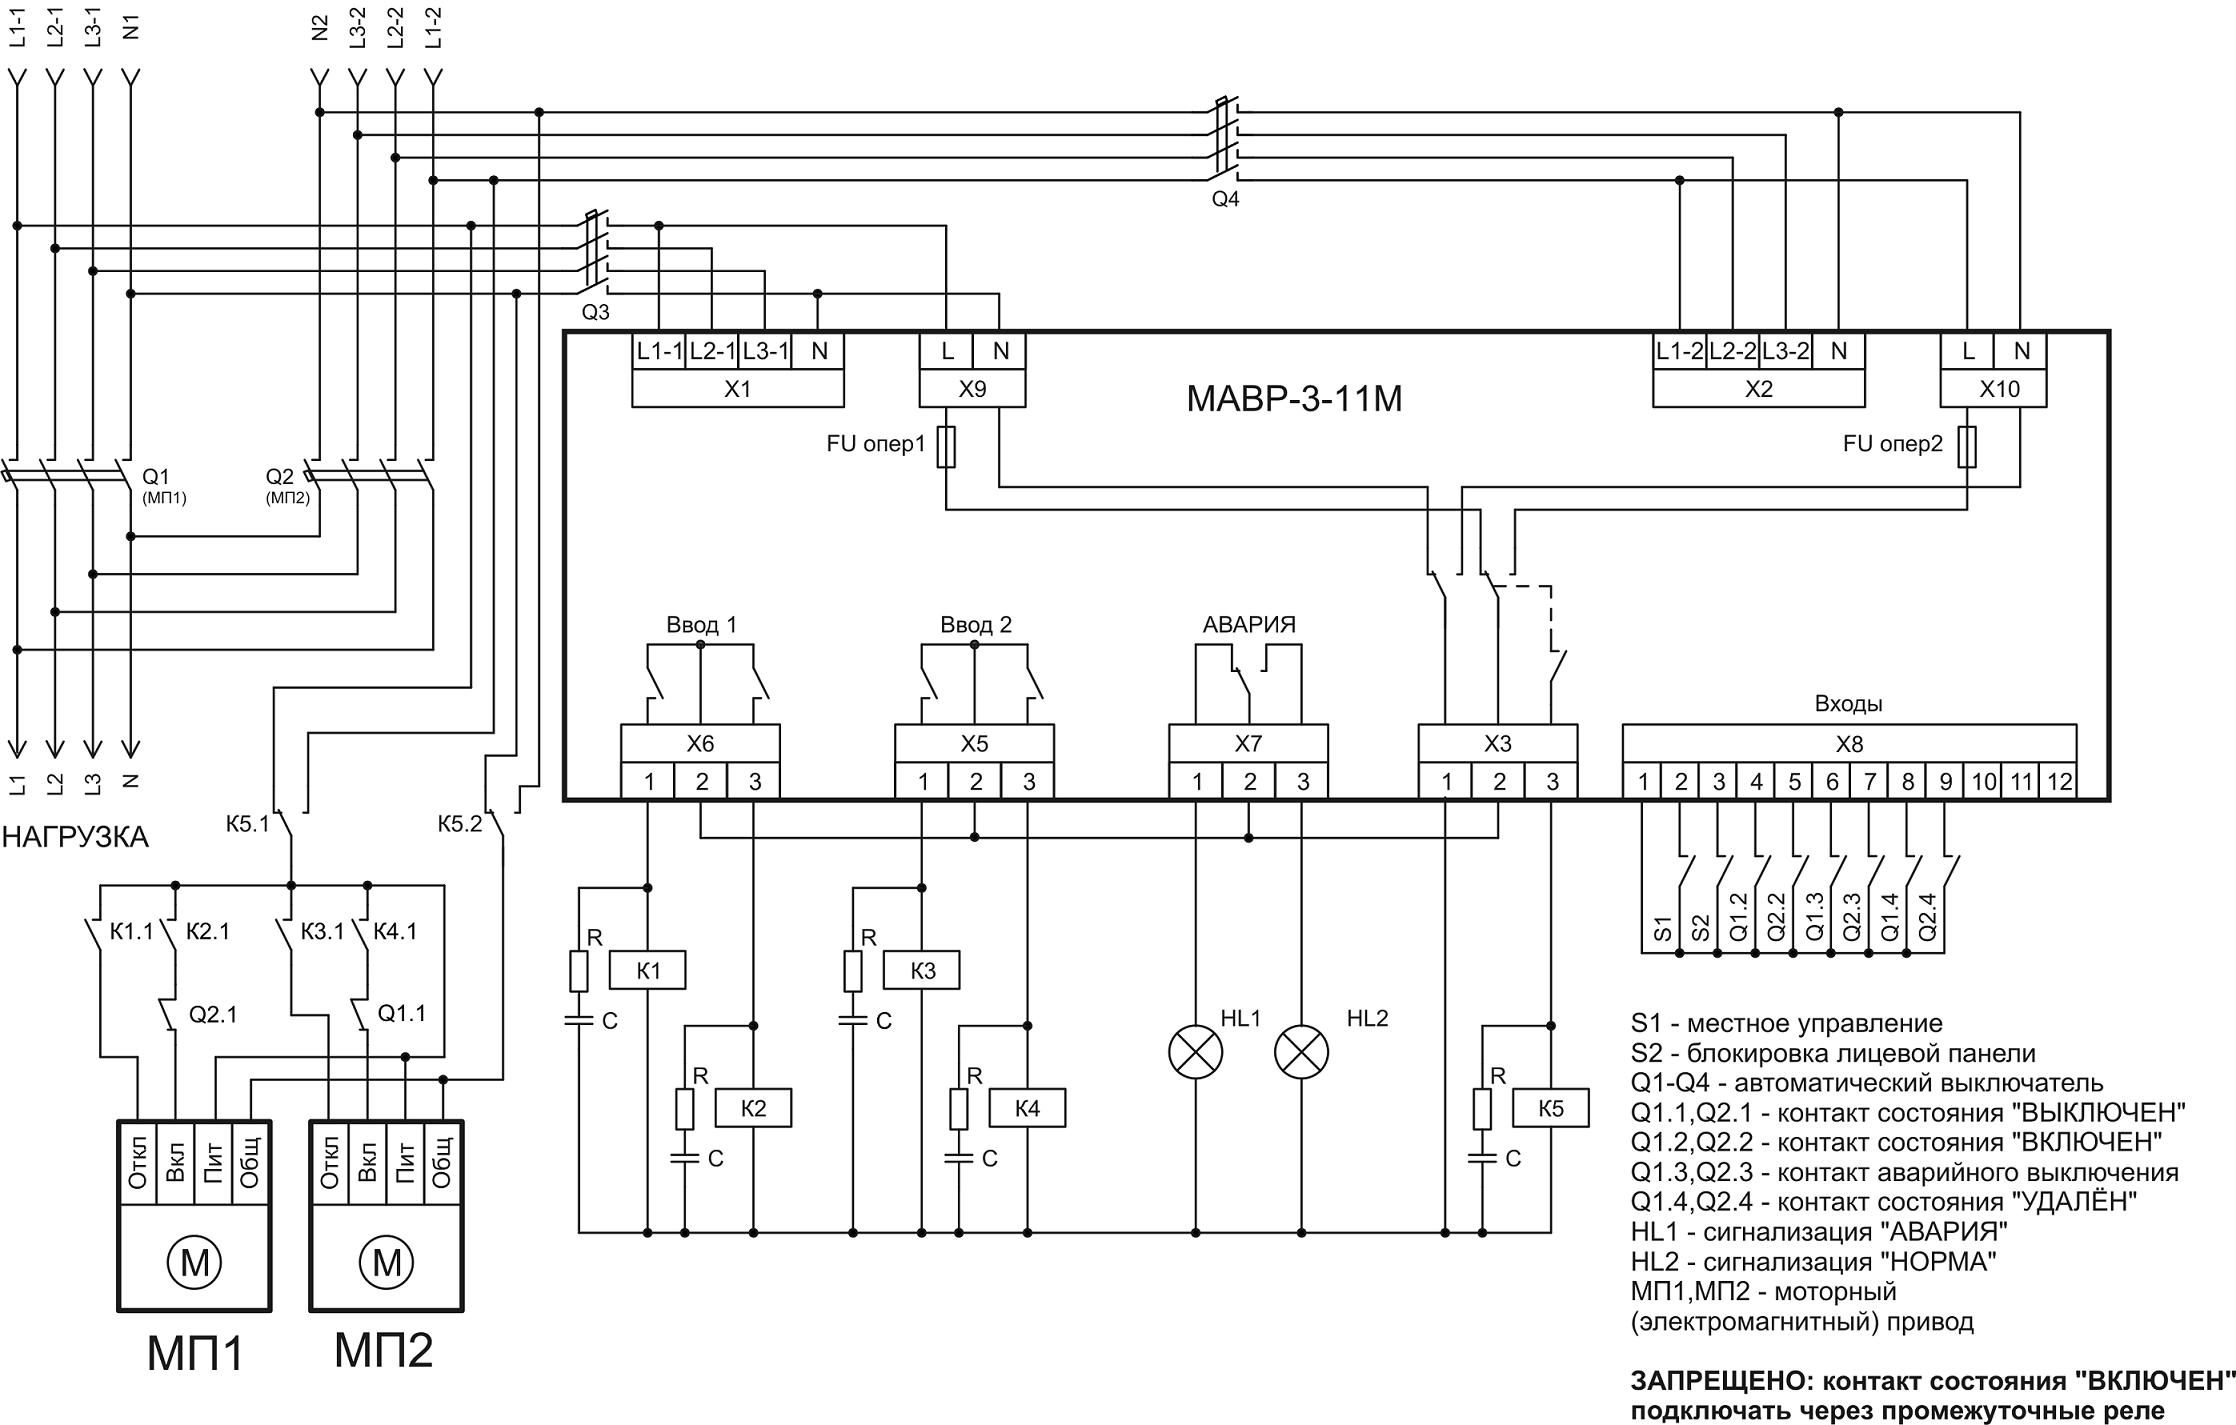 Схема на б5105-264д ухл4